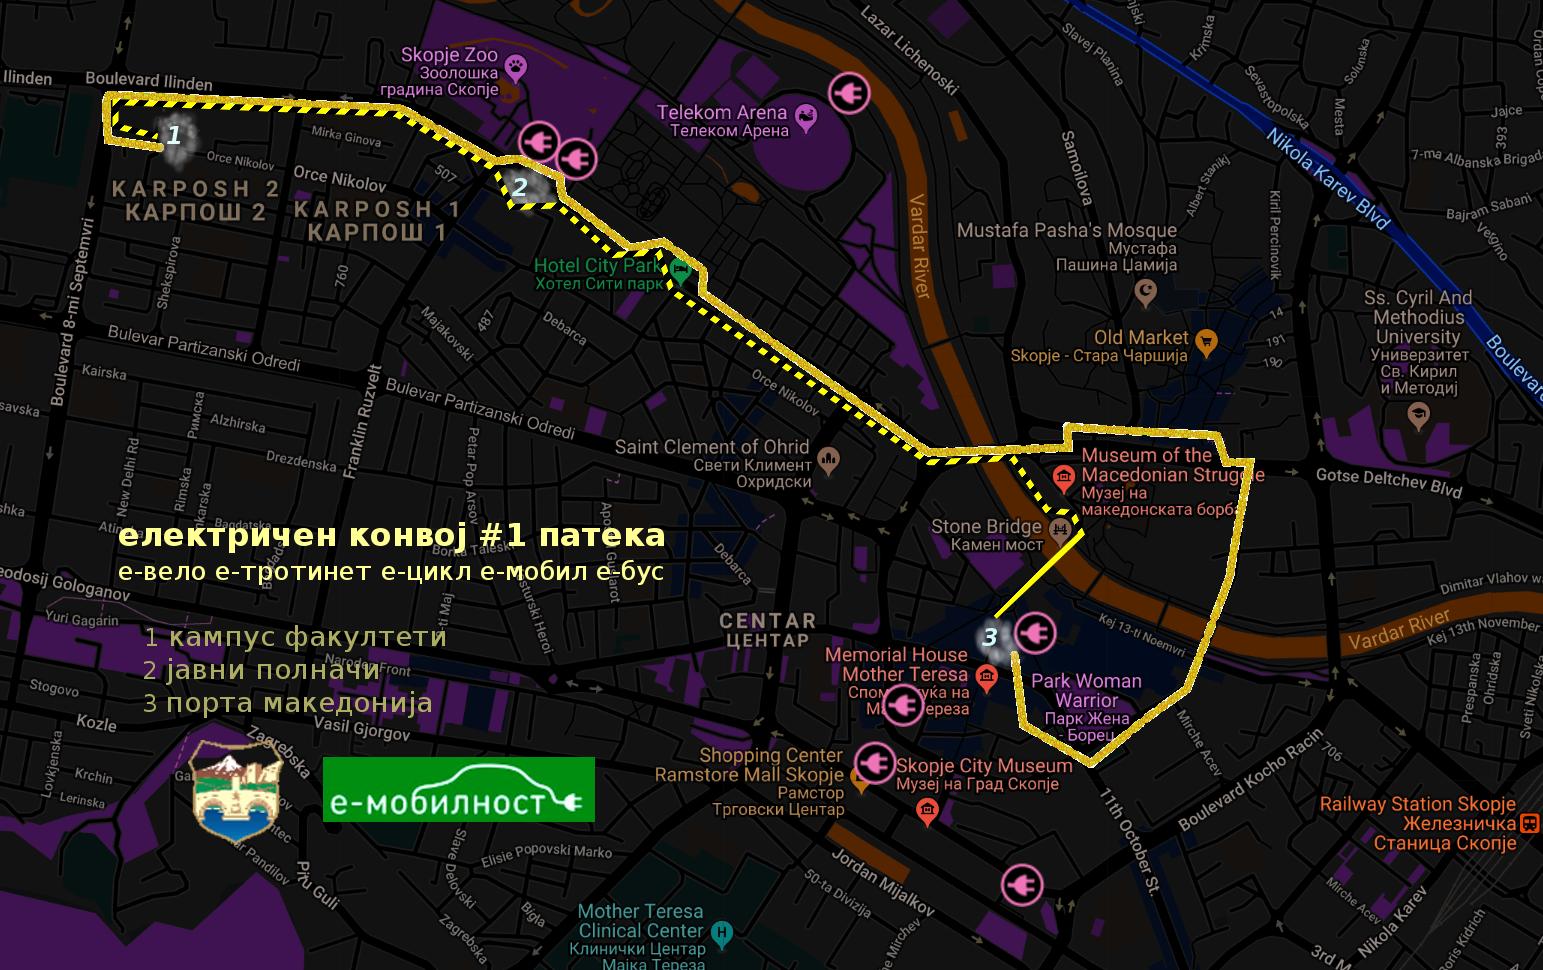 патека на движење на електрични и плаг-ин возила низ градски улици е-конвој #1